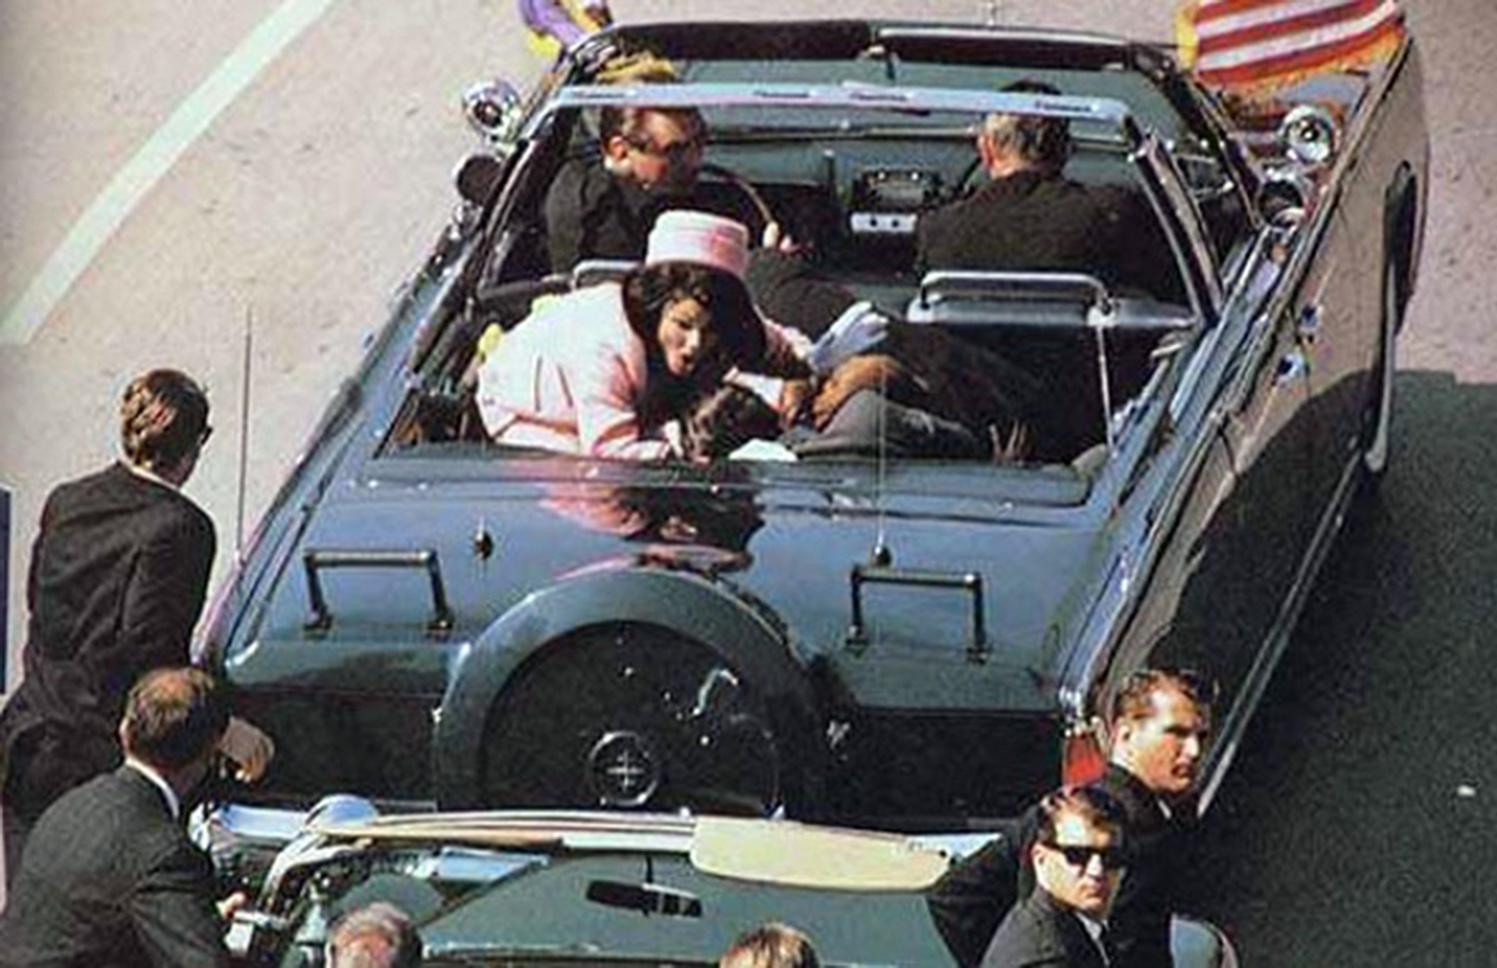 Убийство 35-го президента США Джона Кеннеди было совершено в пятницу 22 ноября 1963 года в Далласе (штат Техас) в 12:30 по местному времени.